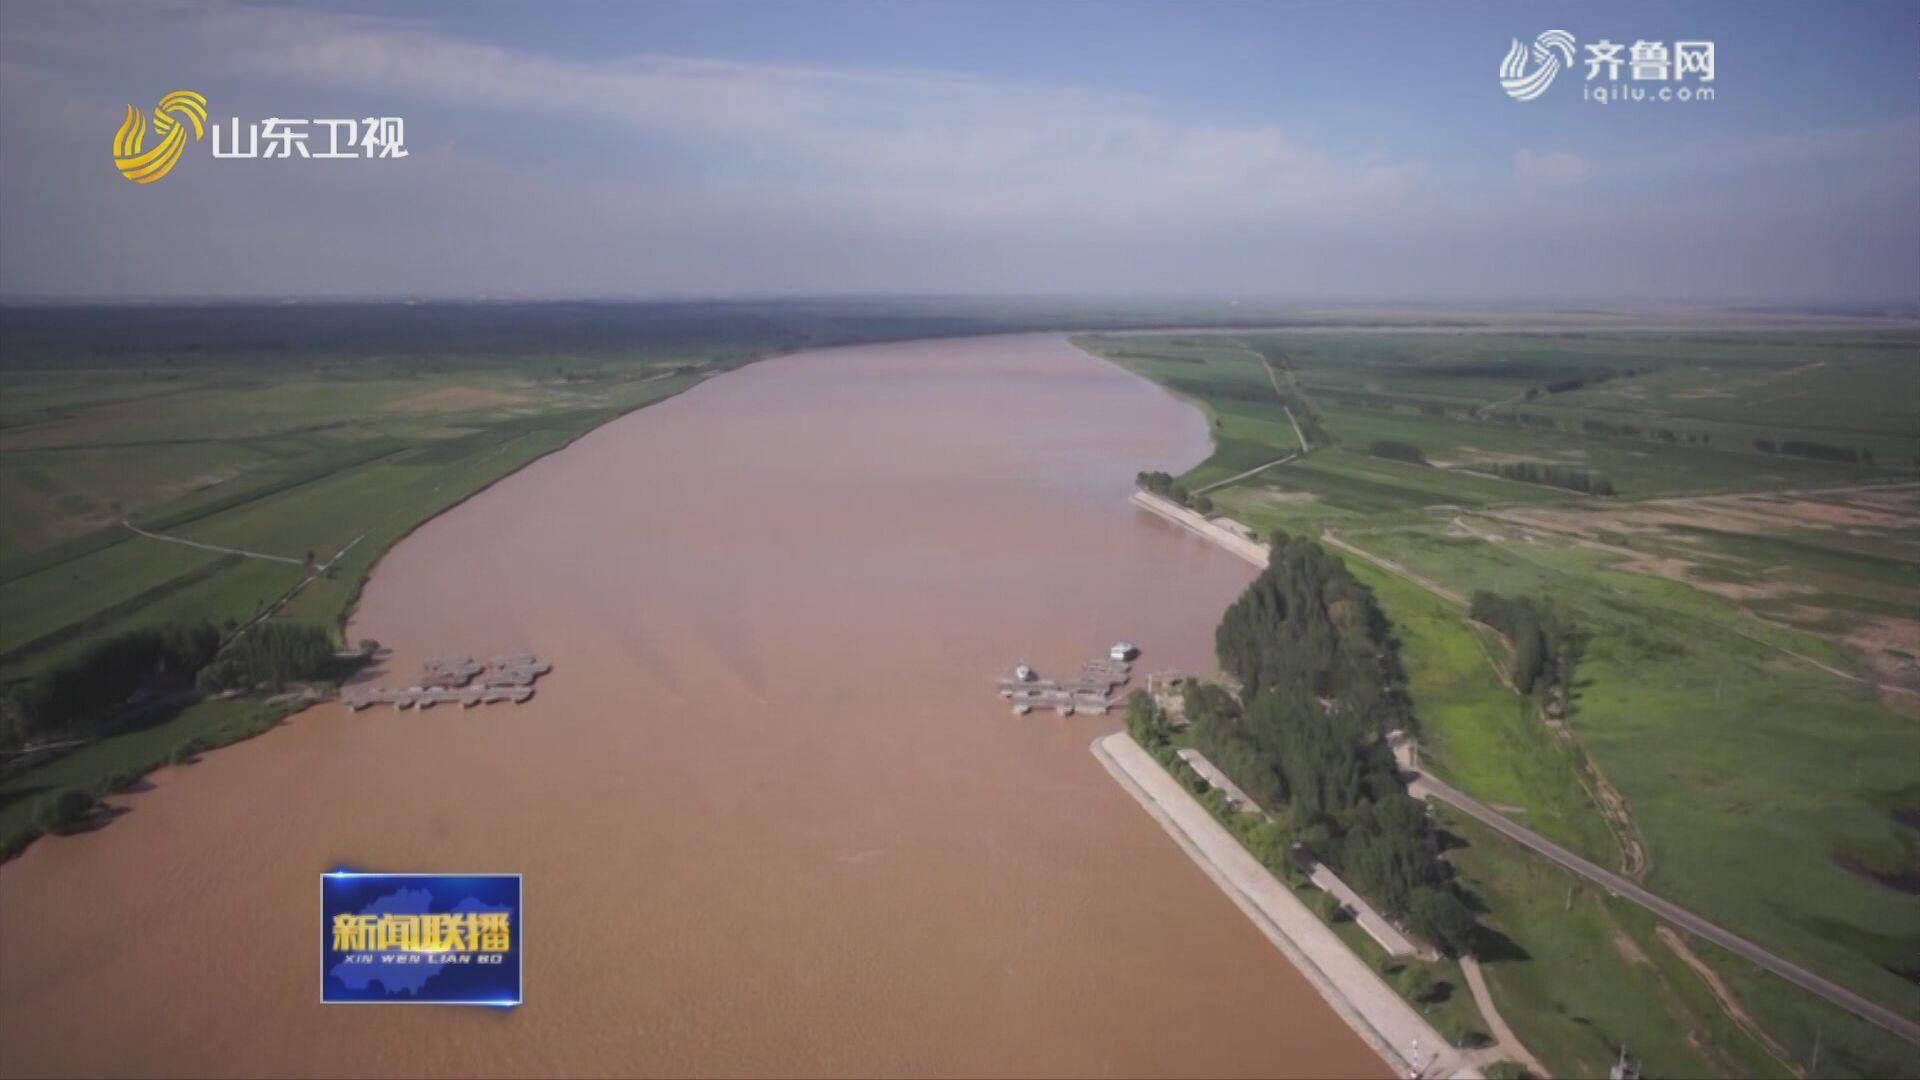 山东黄河河务局启动黄河防汛Ⅳ级应急响应